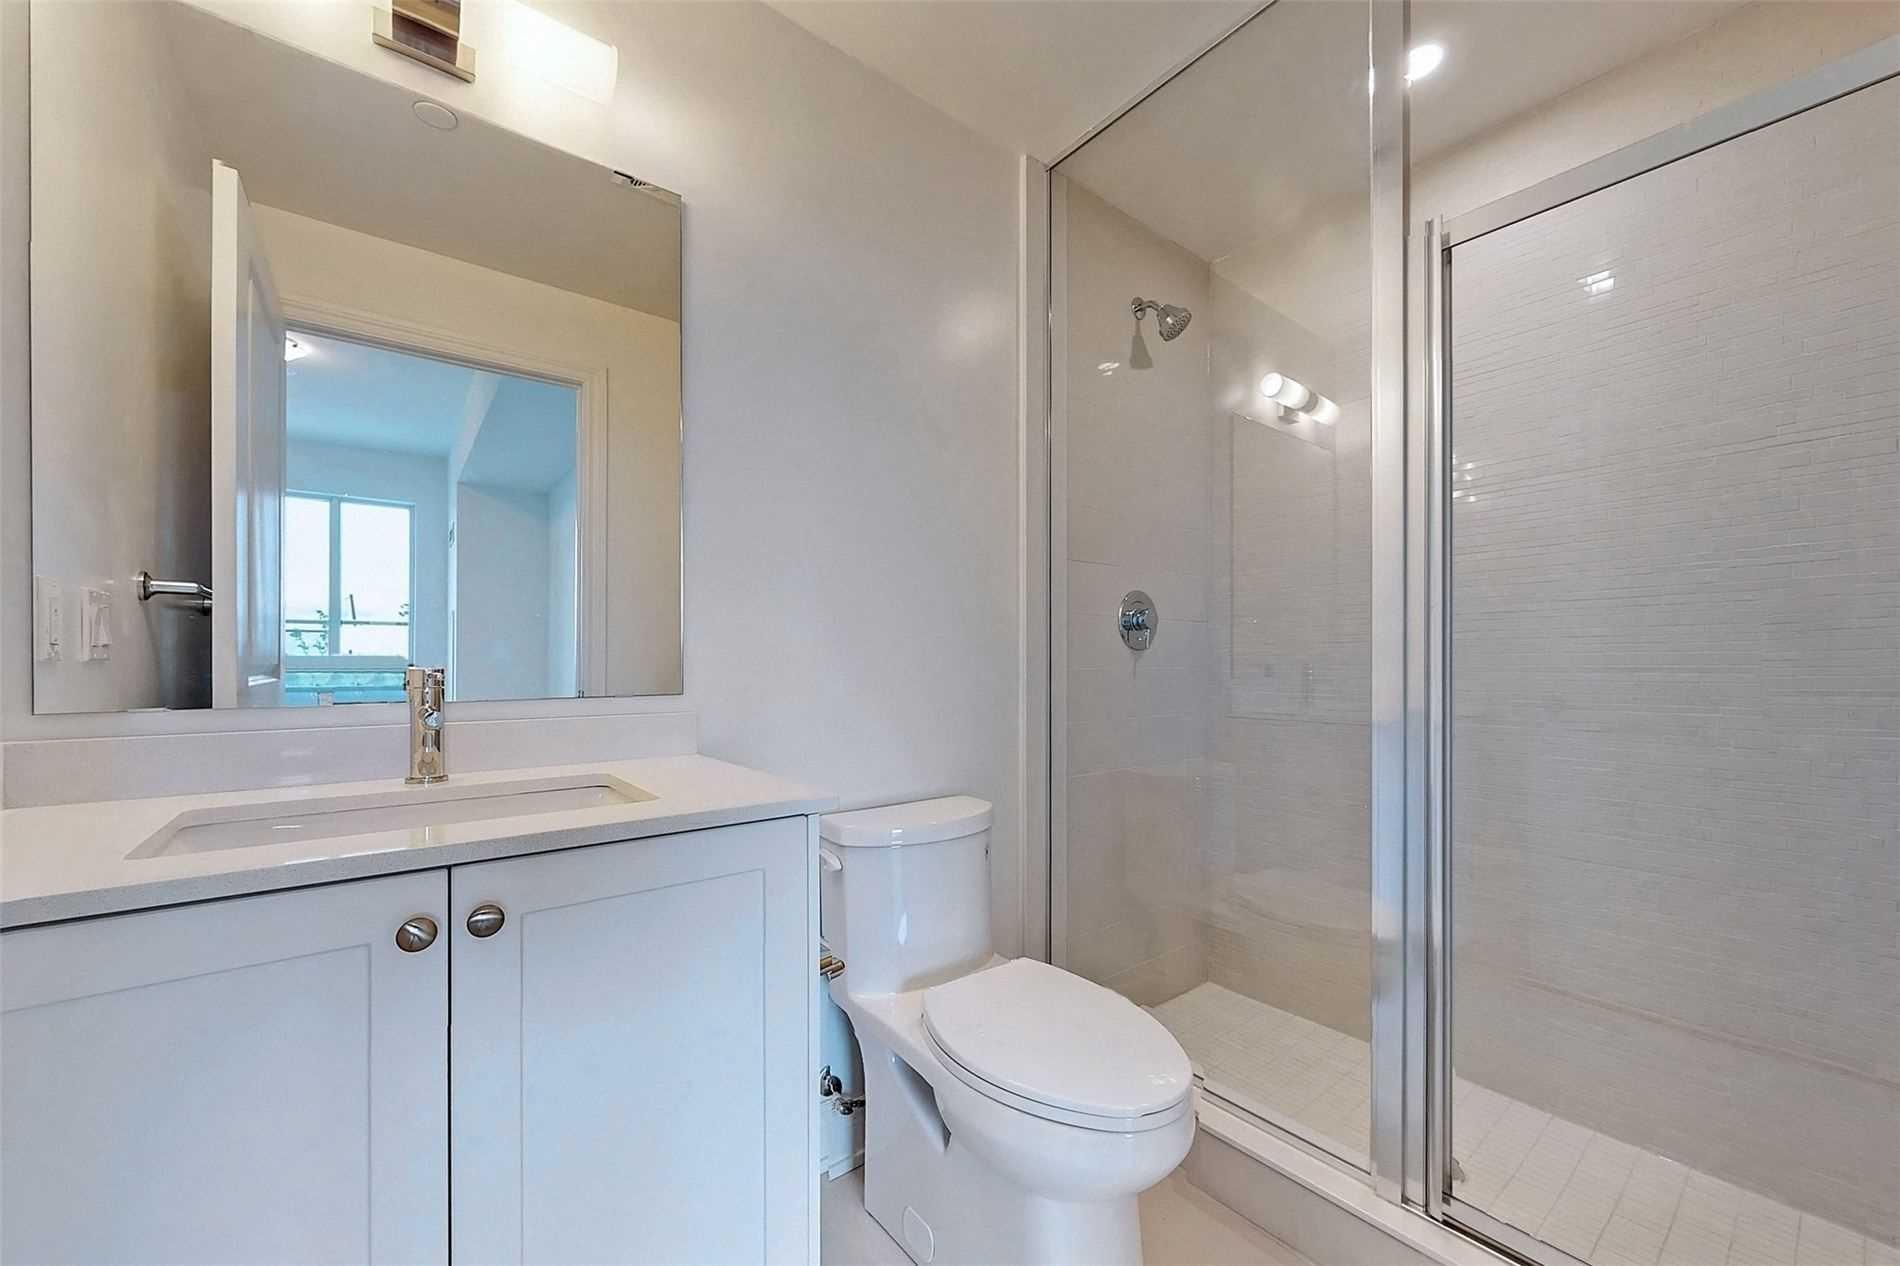 221 - 1050 Main St E - Dempsey Condo Apt for sale, 3 Bedrooms (W5398557) - #21